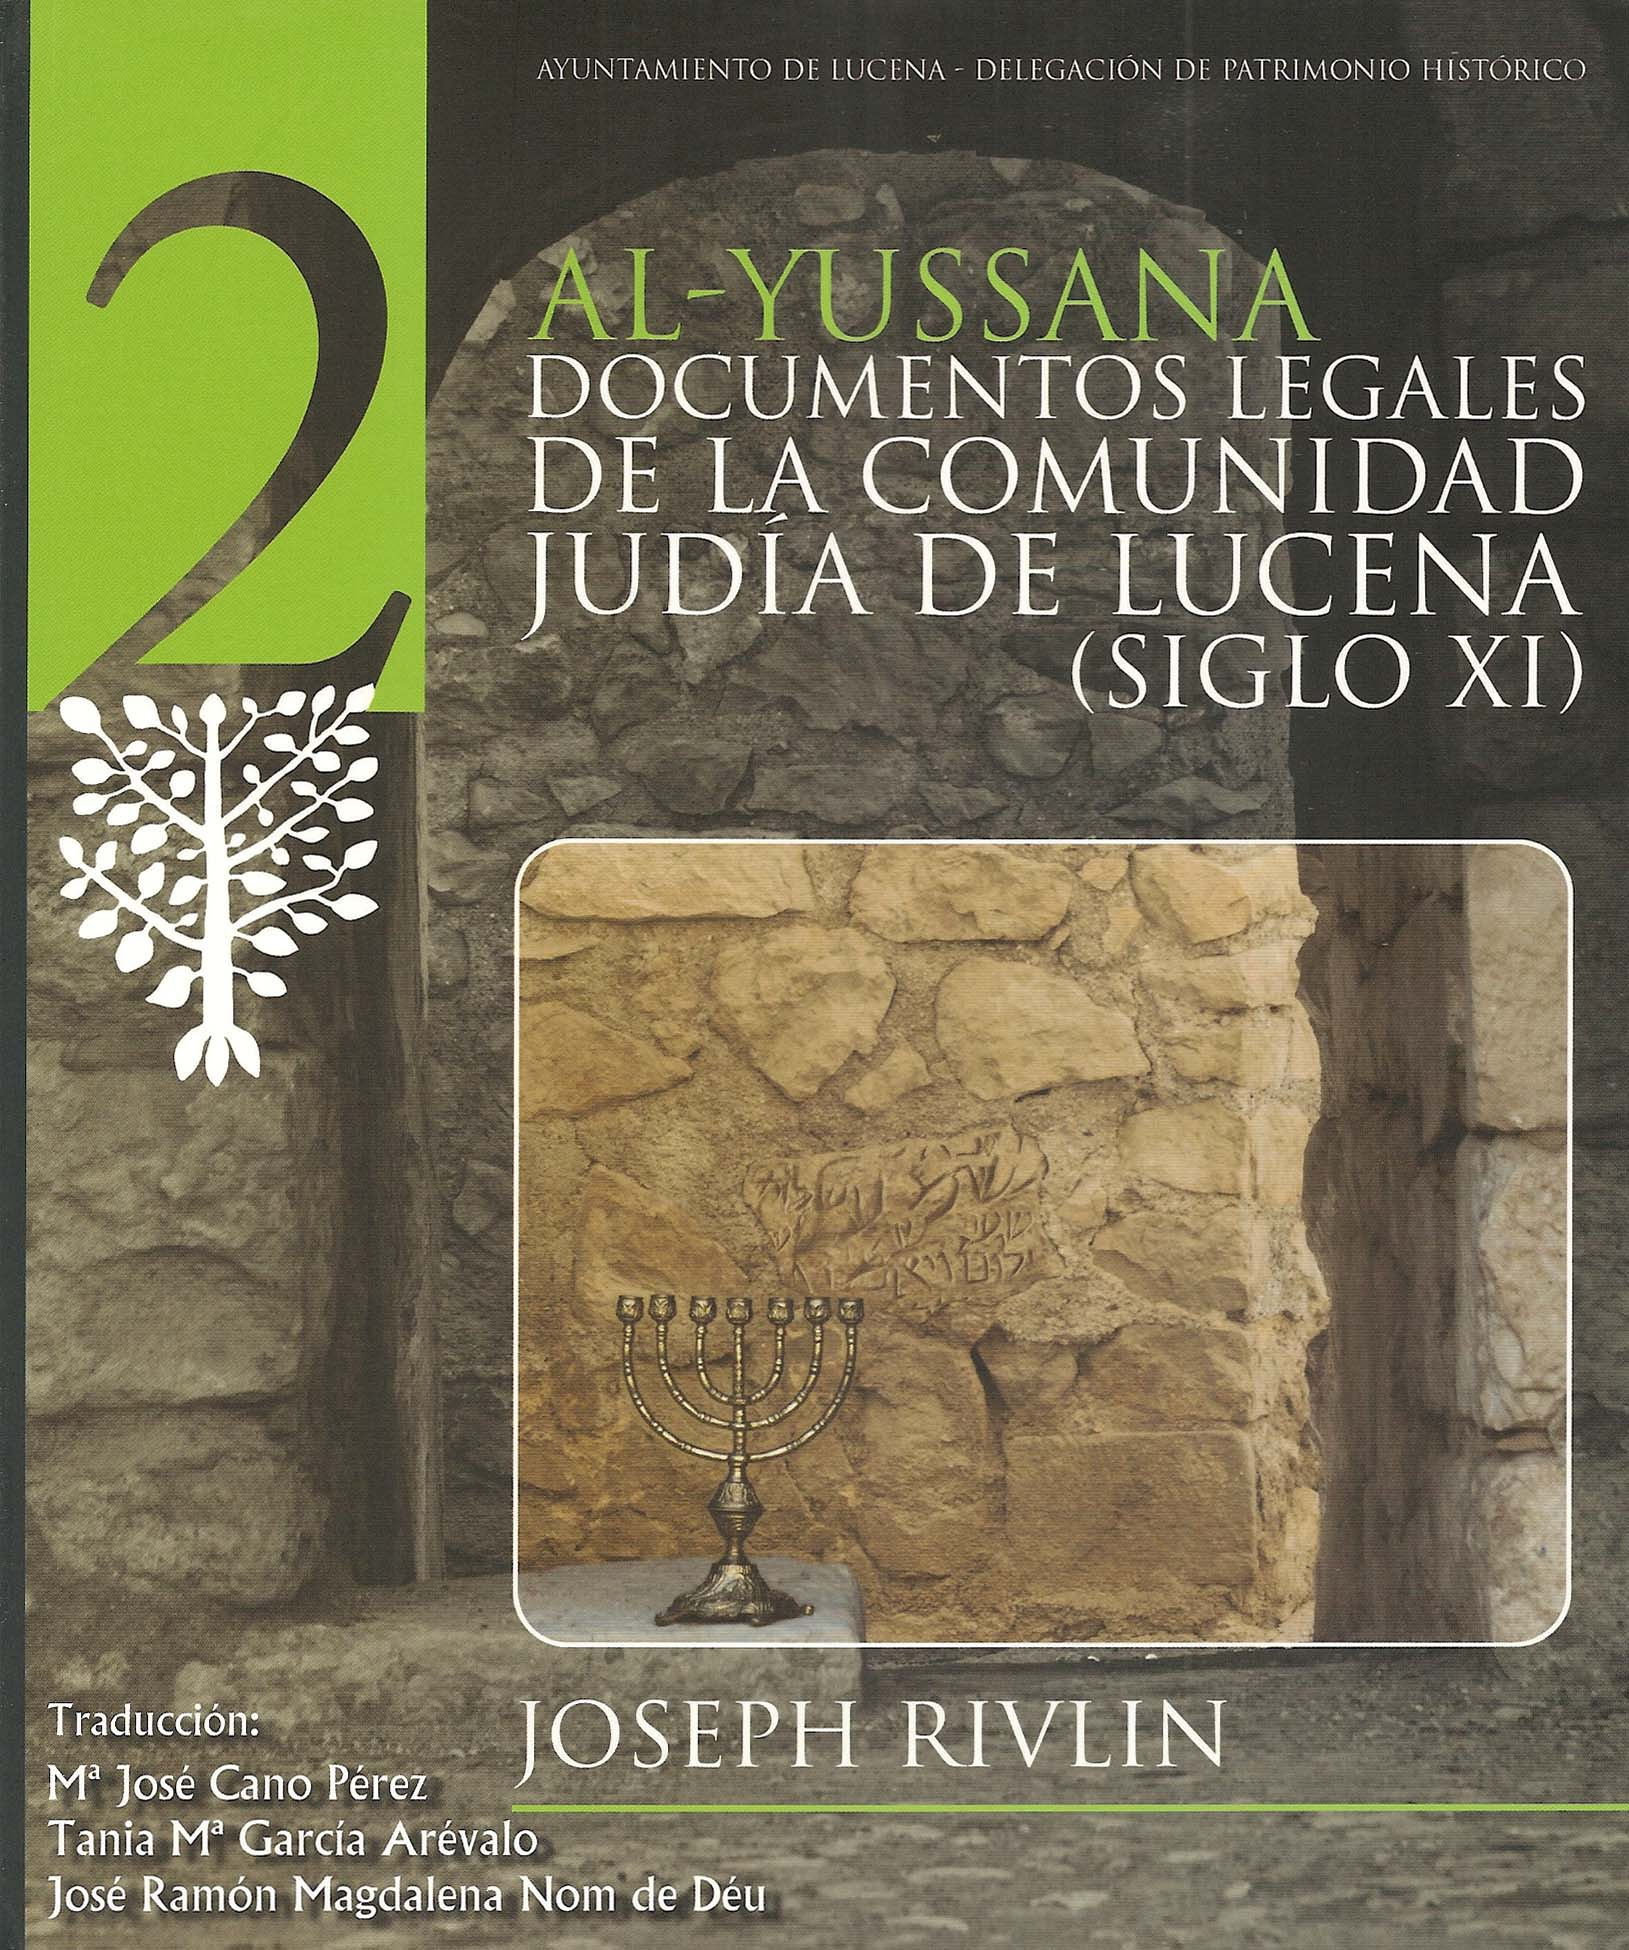 Al Yussana. Documentos legales de la comunidad judía de Lucena (siglo XI)